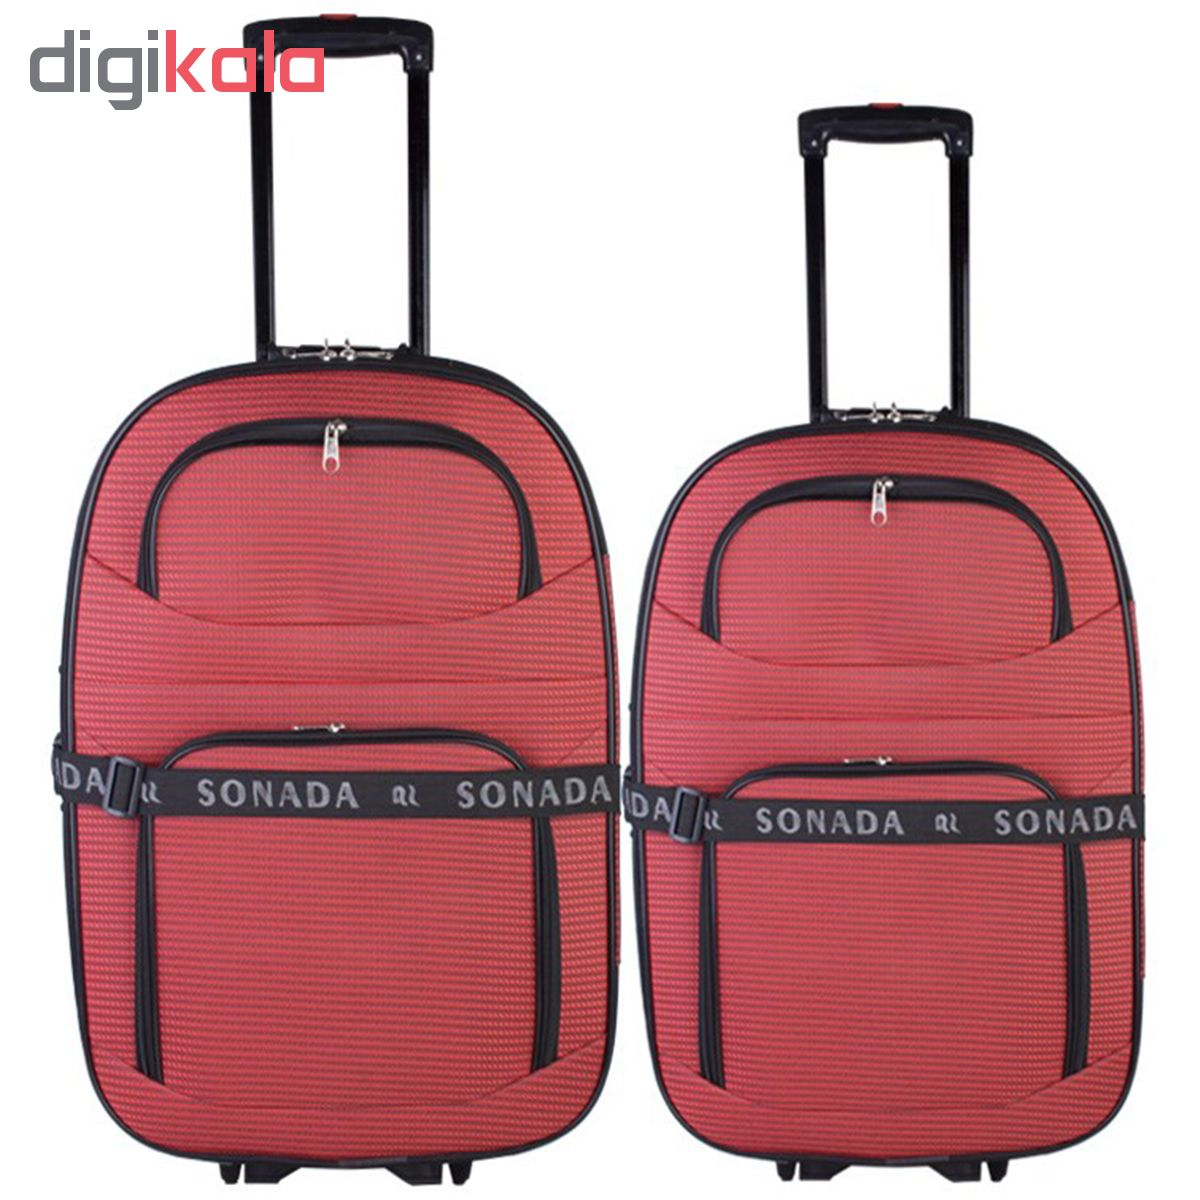 مجموعه دو عددی چمدان سونادا مدل sor2